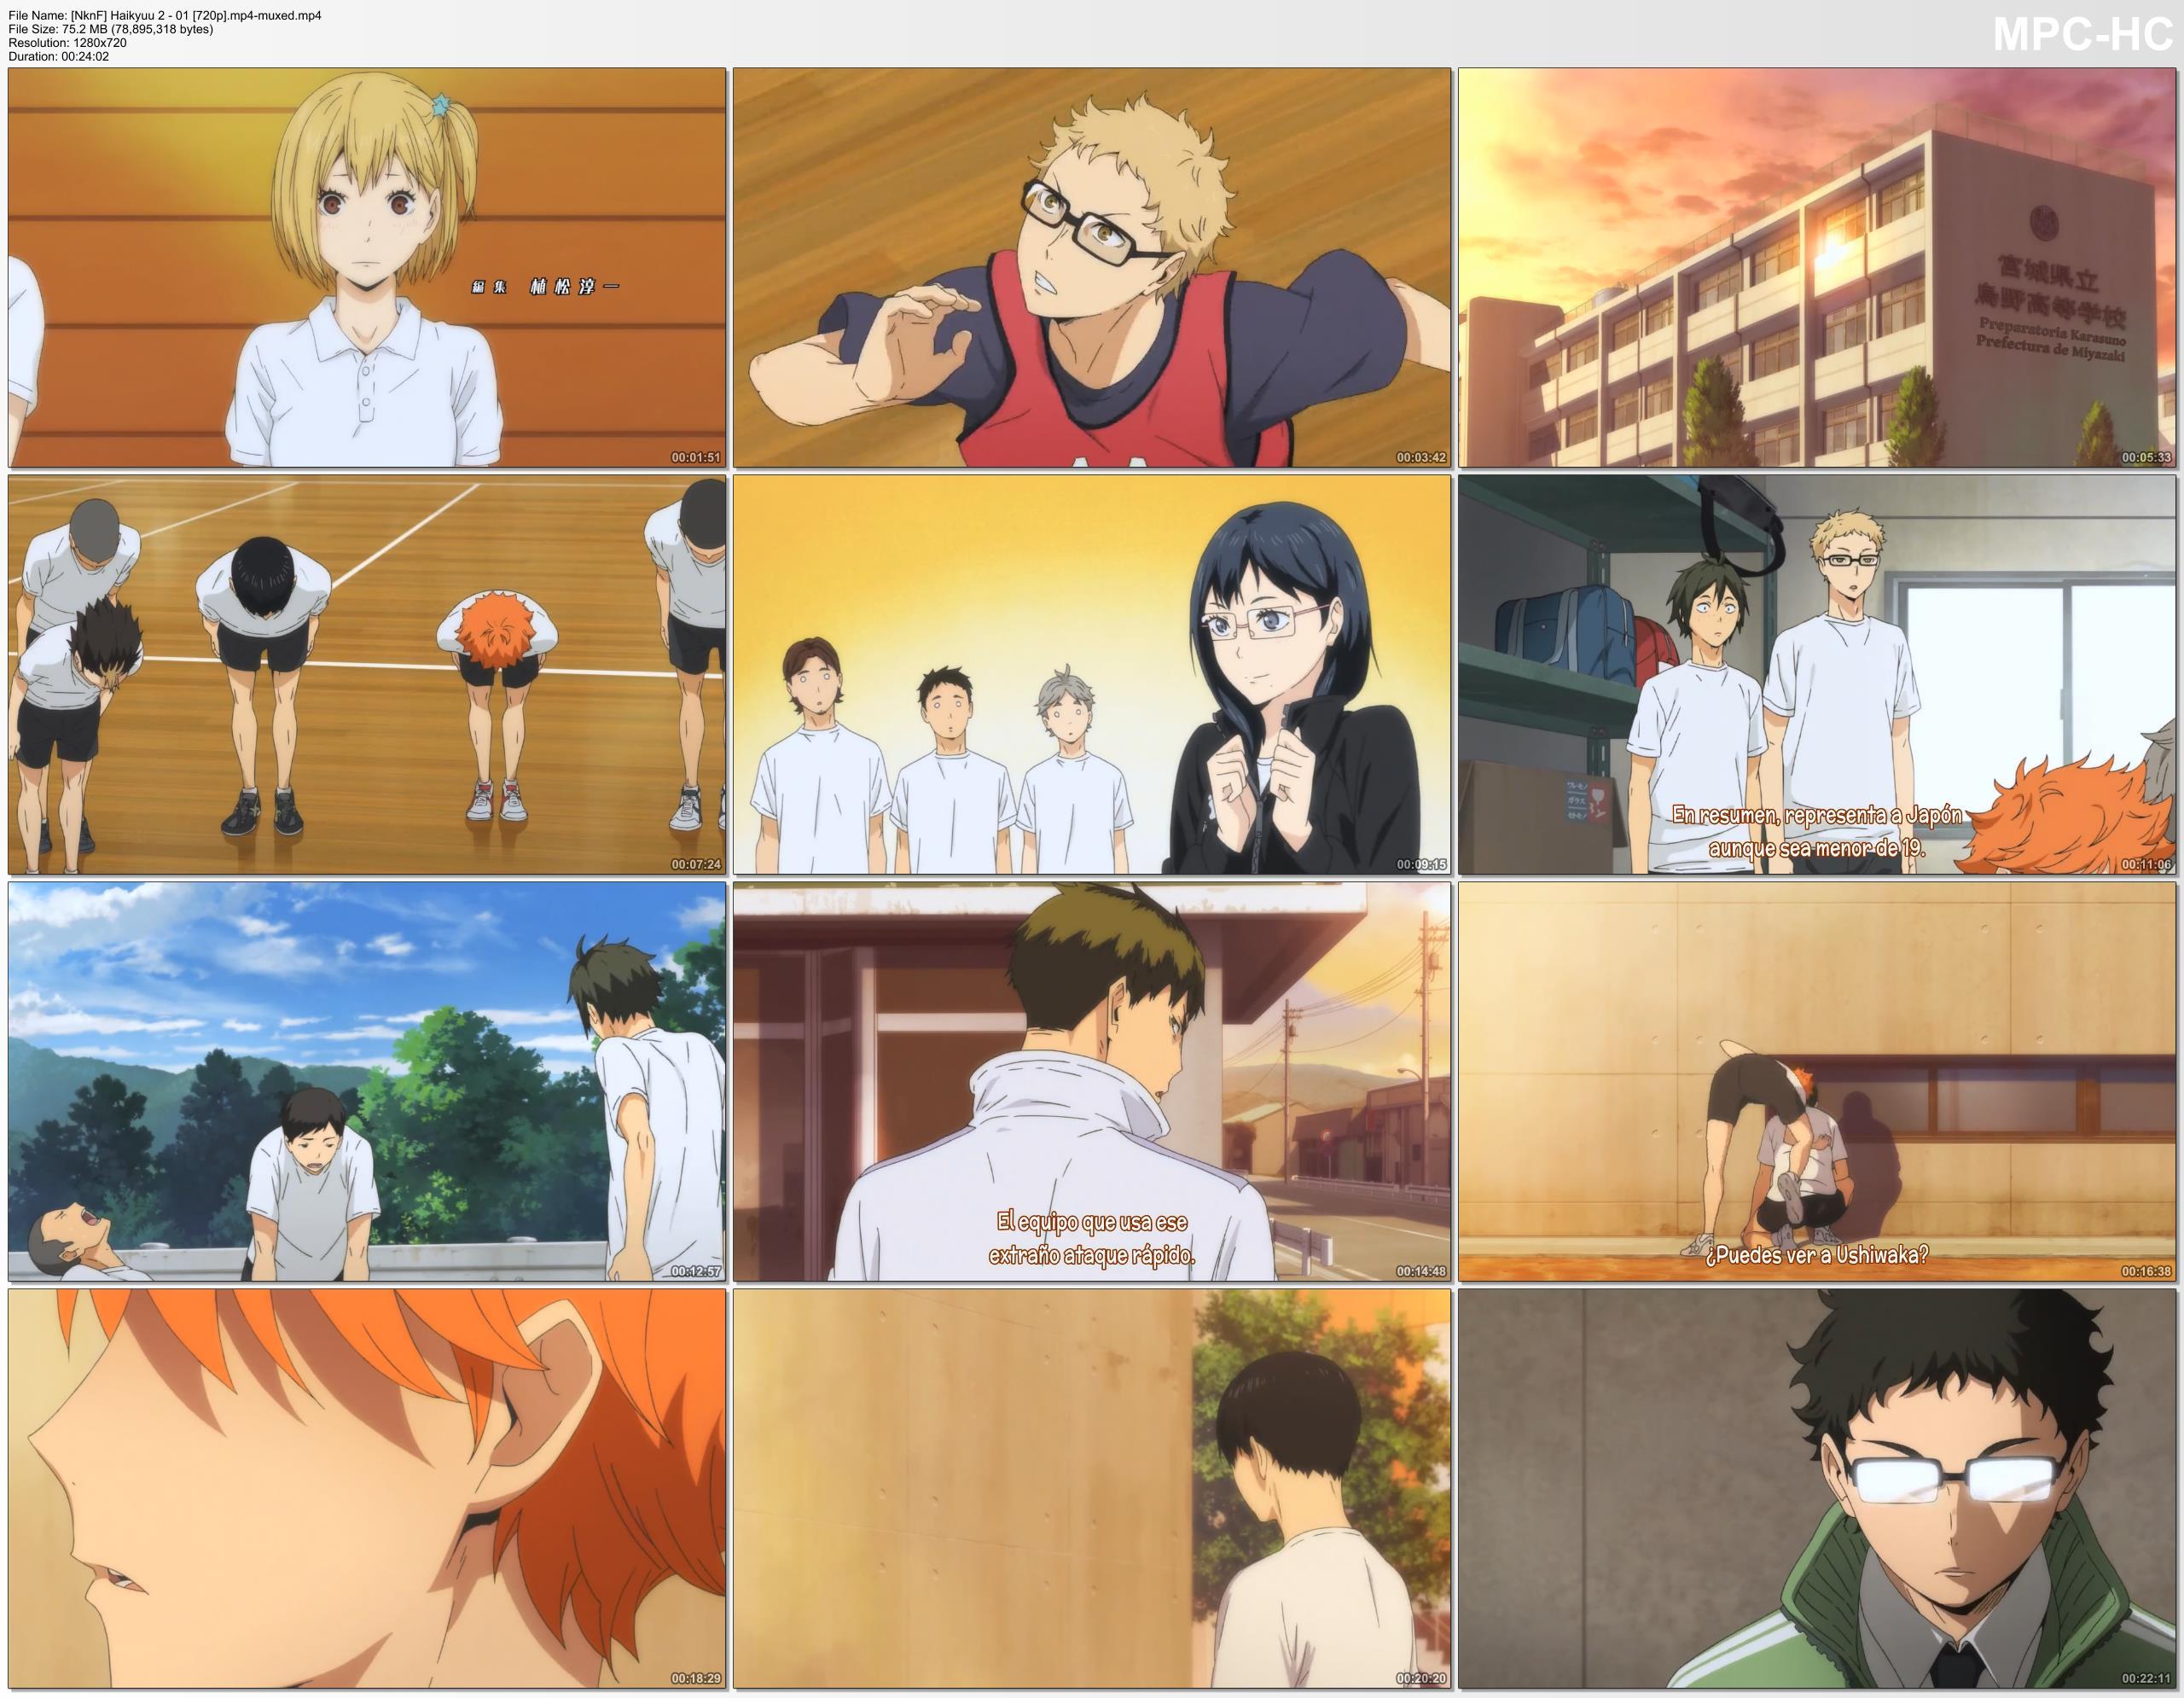 43d173f952 - [Aporte] Haikyuu!! S2 [25/25][75MB][720p]Solidfiles] - Anime Ligero [Descargas]